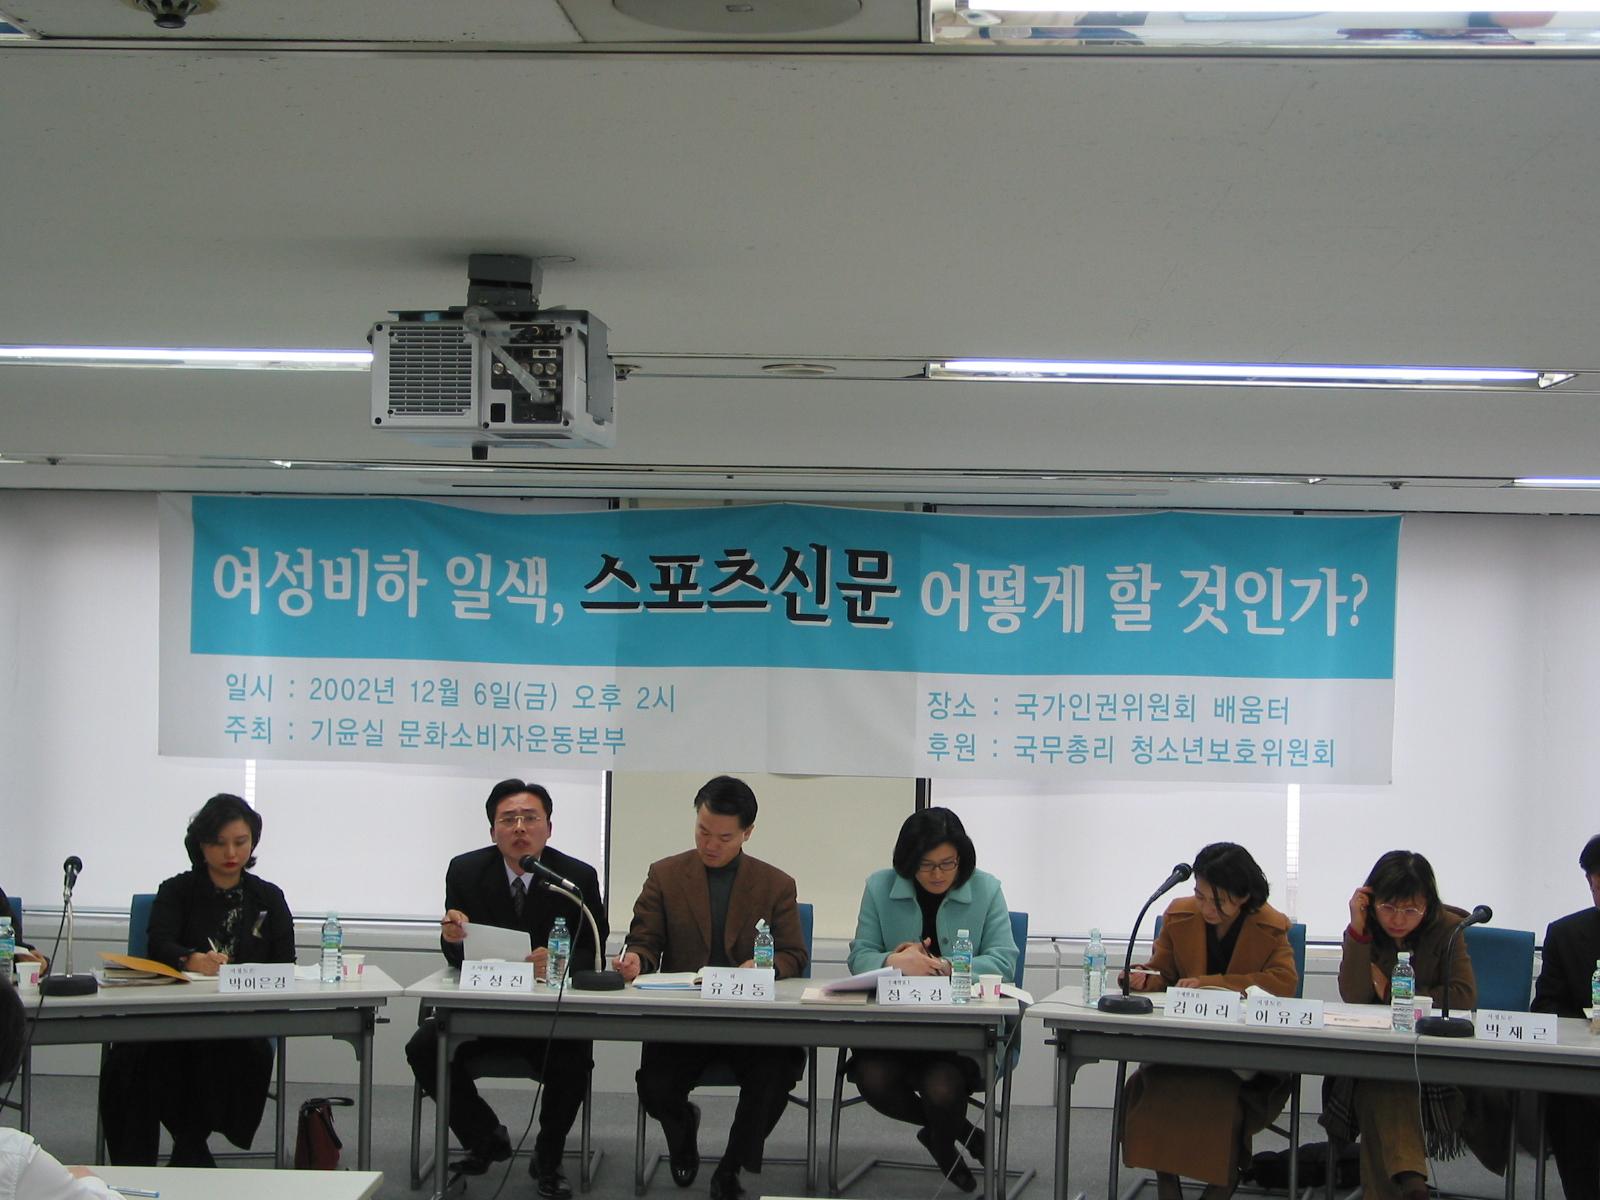 2002-스포츠신문정책토론회